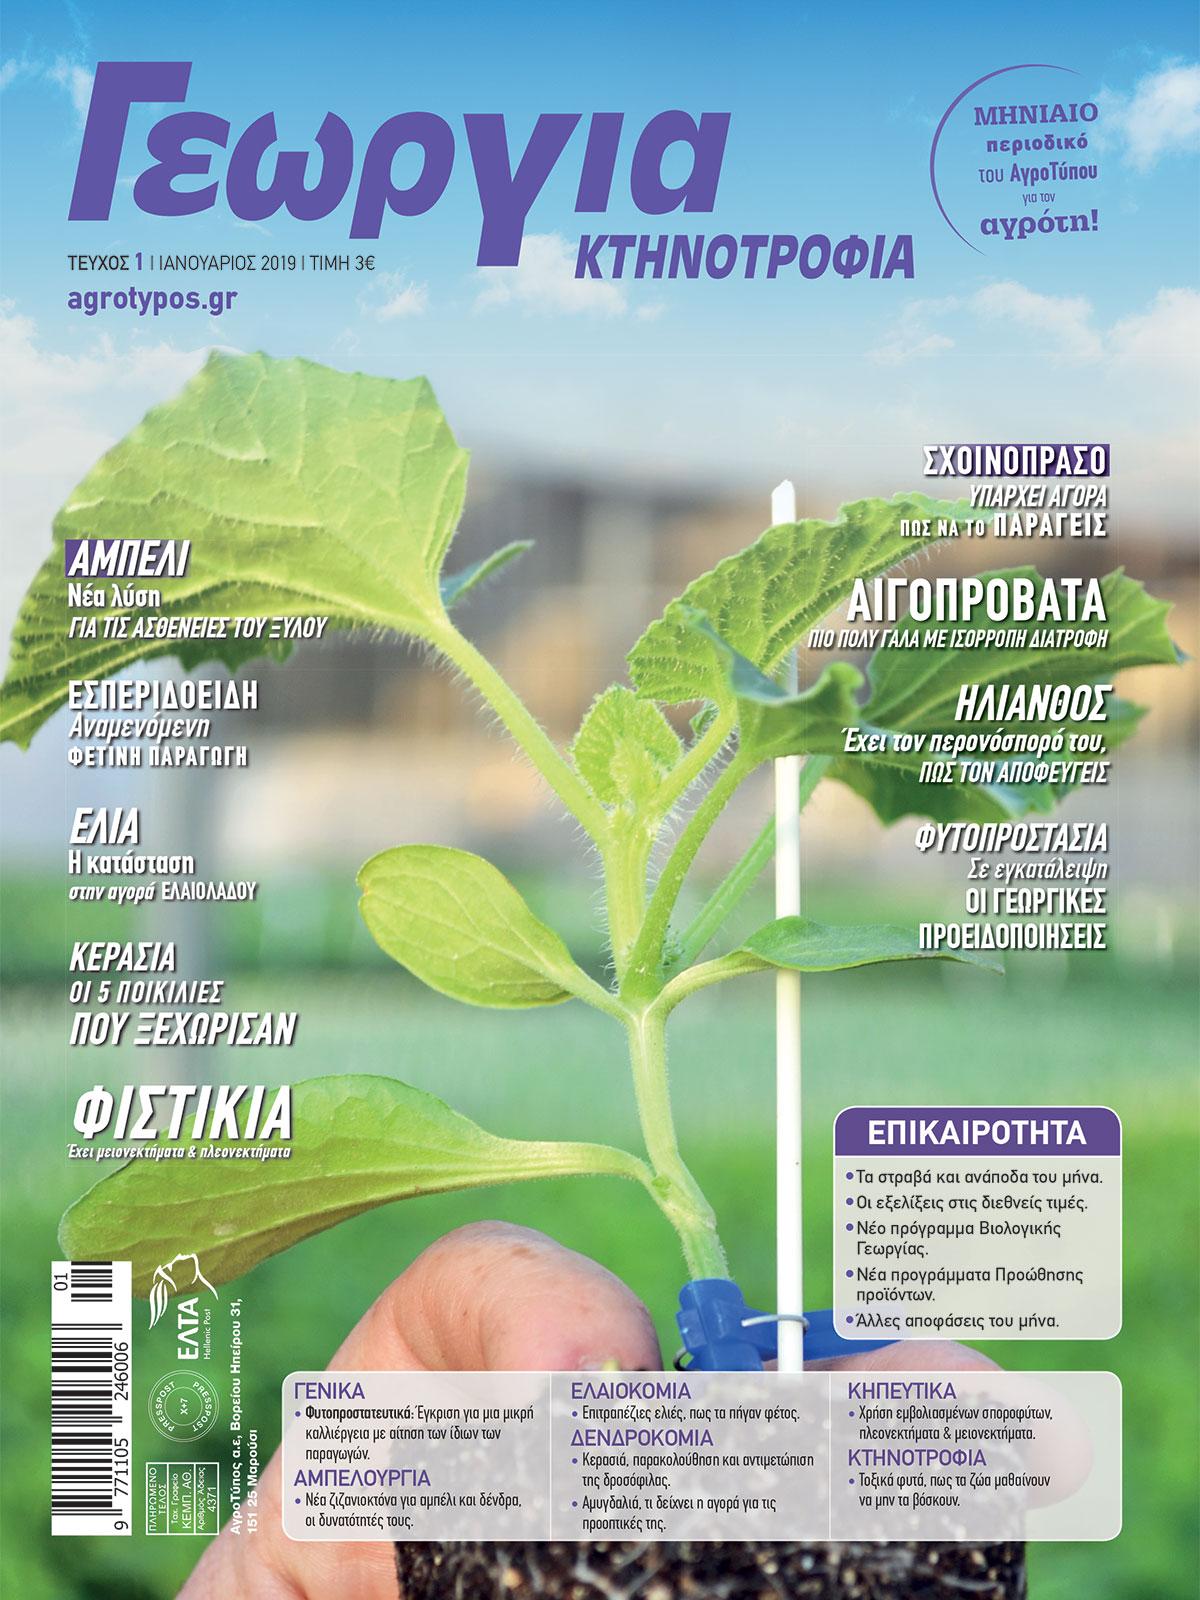 Νέο τεύχος Γεωργία - Κτηνοτροφία